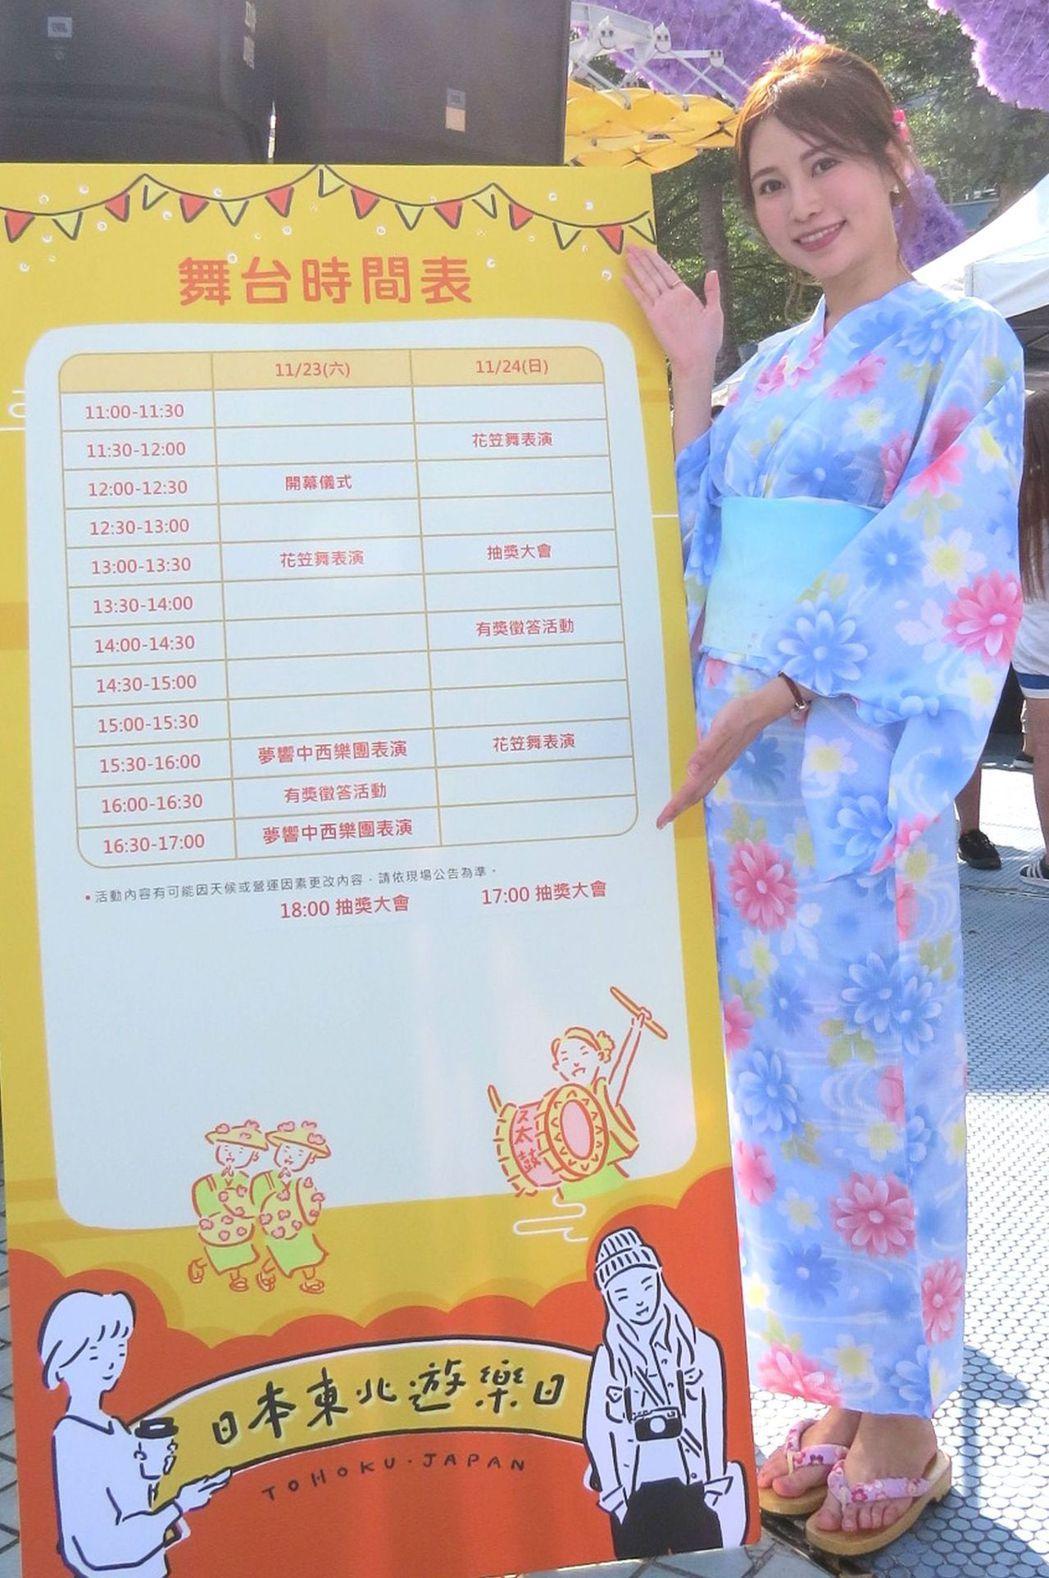 「日本東北遊樂日2019」推廣活動從11月23~24日,期間穿插有許多表演活動,...